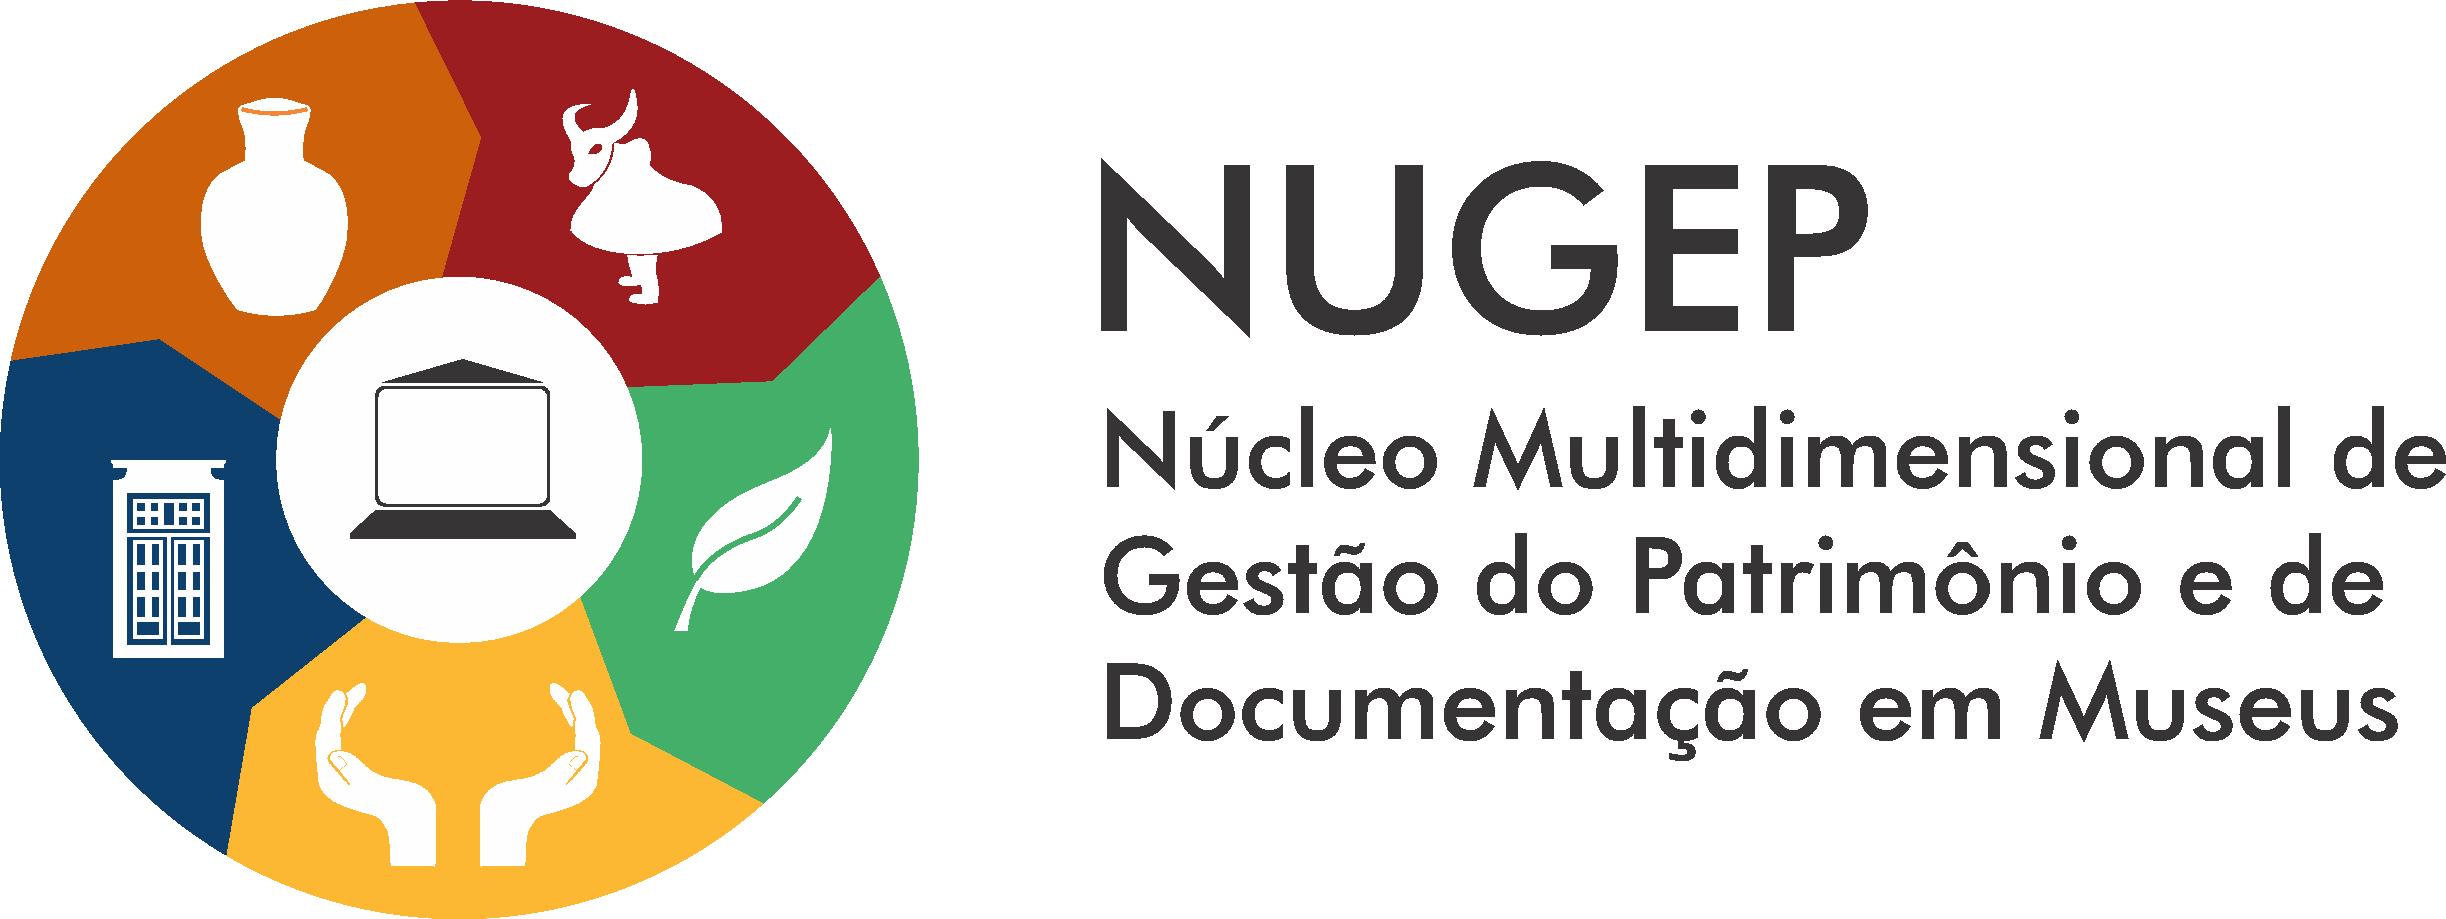 Núcleo Multidimensional de Gestão do Patrimônio e de Documentação em Museus (NUGEP) Universidade Federal do Estado do Rio de Janeiro (UNIRIO)